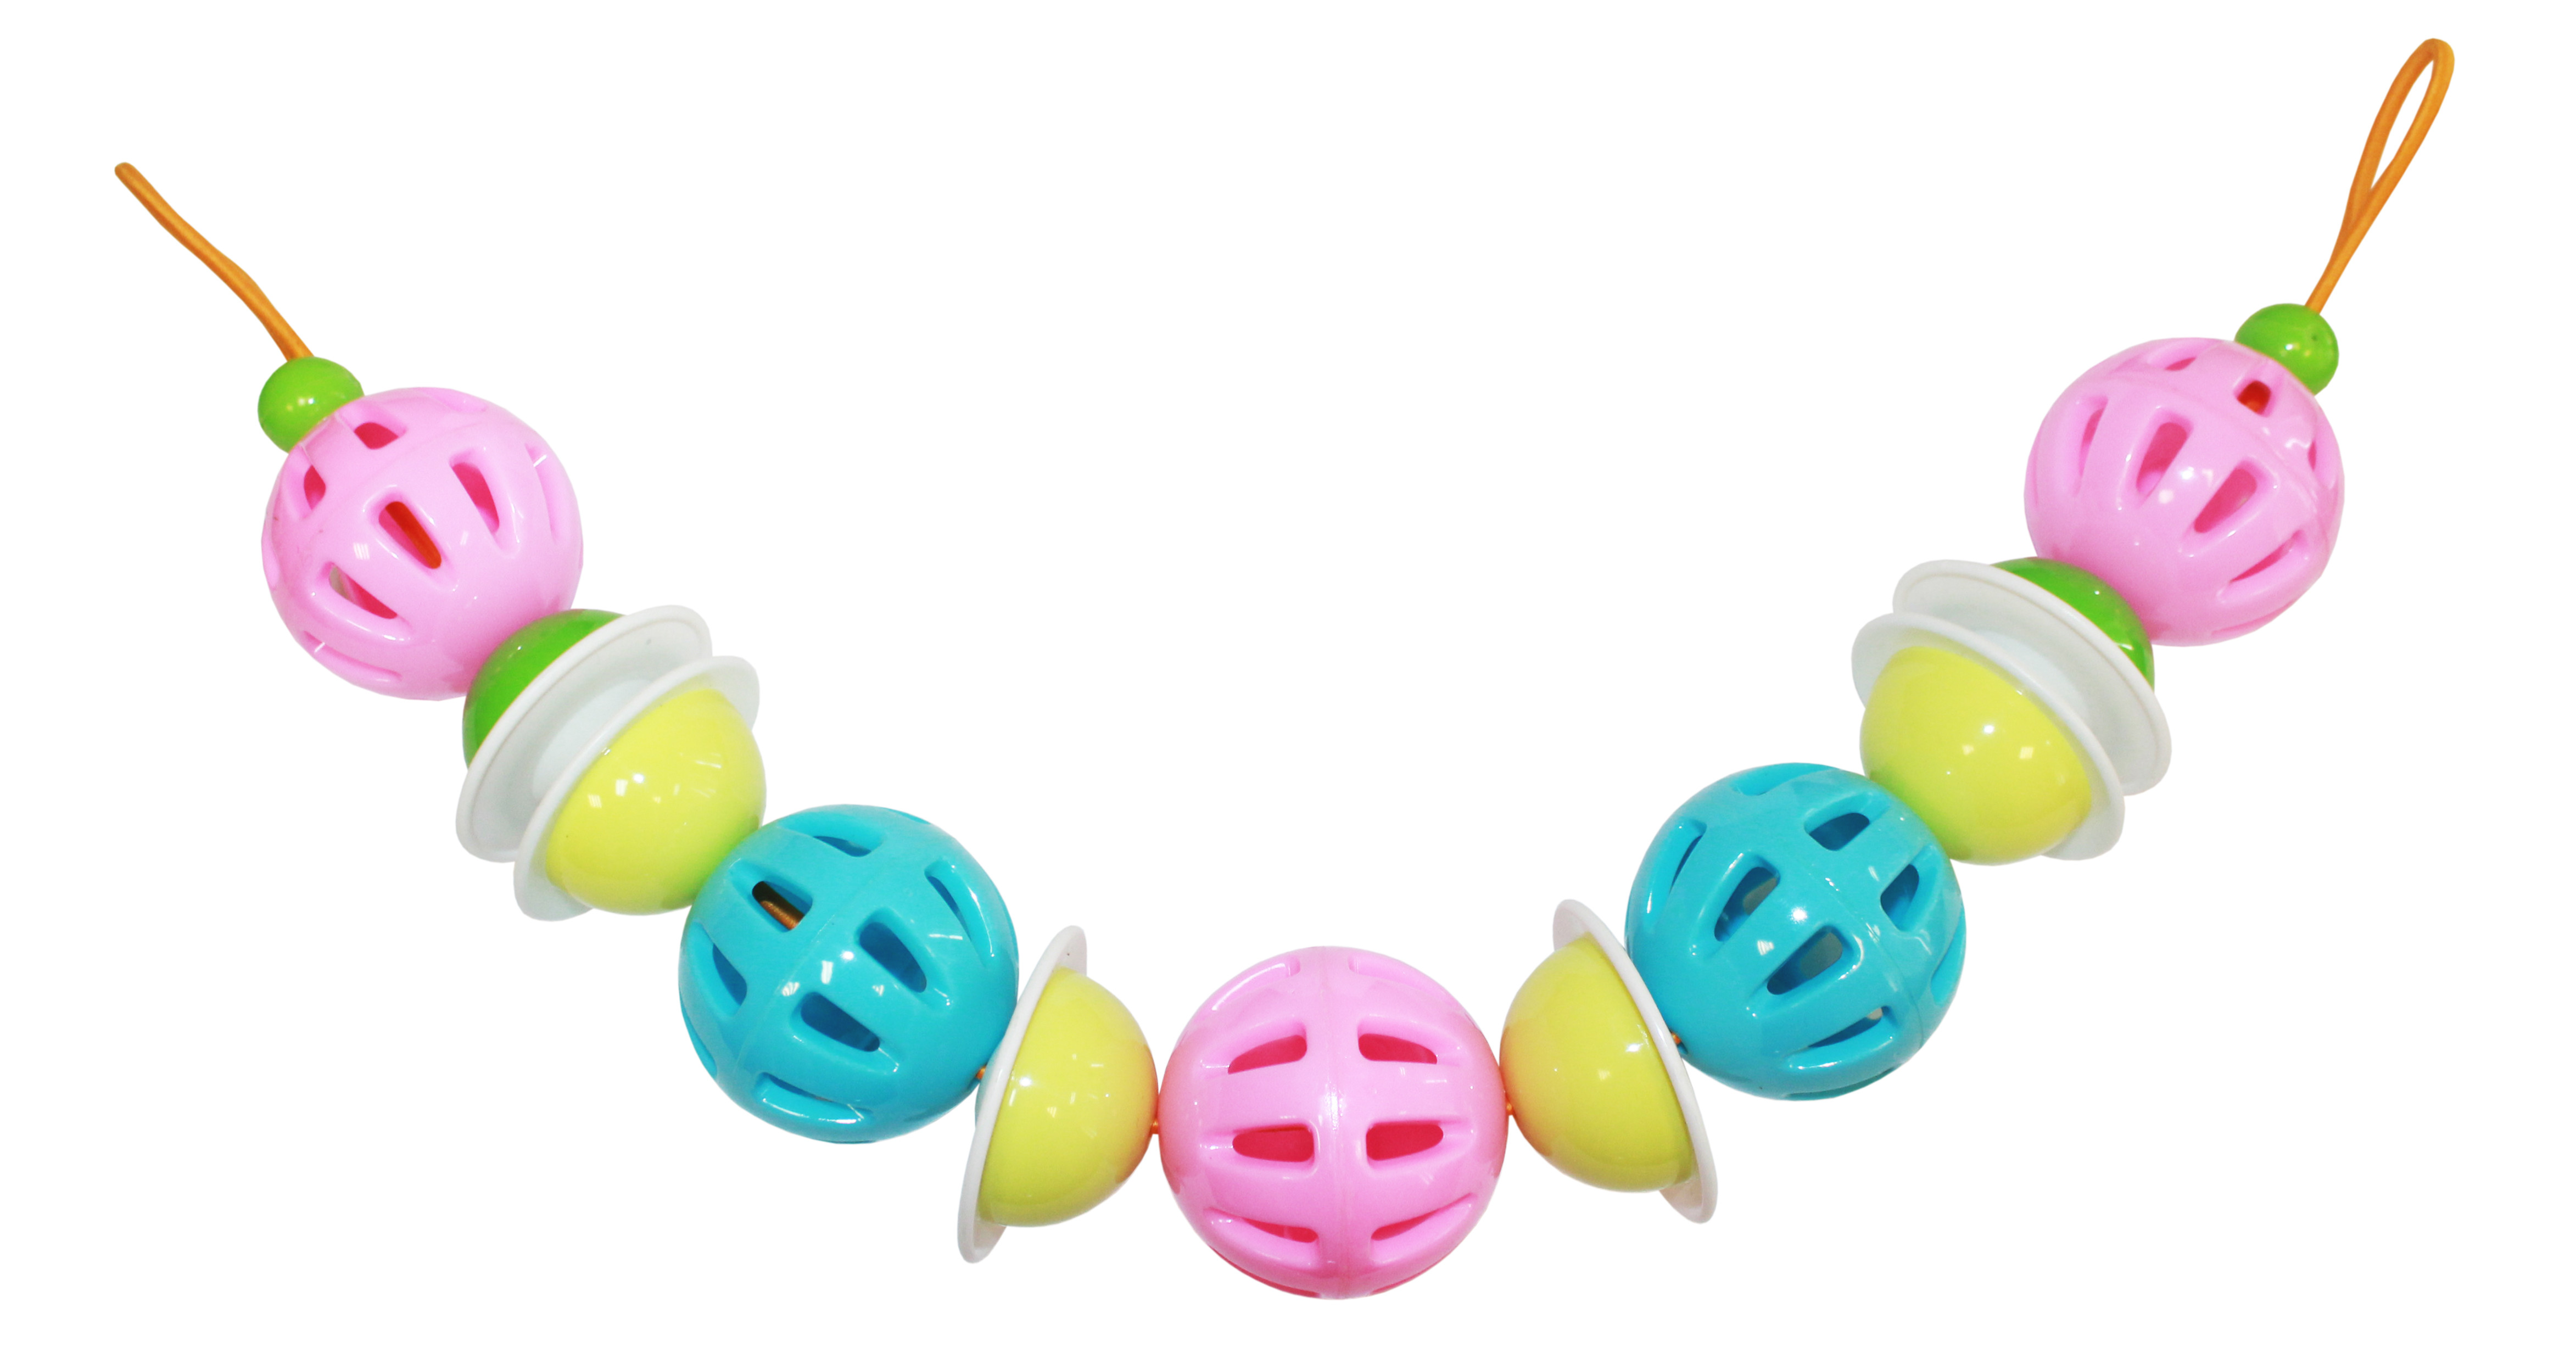 Фото - Подвеска Пластмастер Нежность игры и игрушки в дорогу пластмастер подвеска на коляску пластмастер нежность